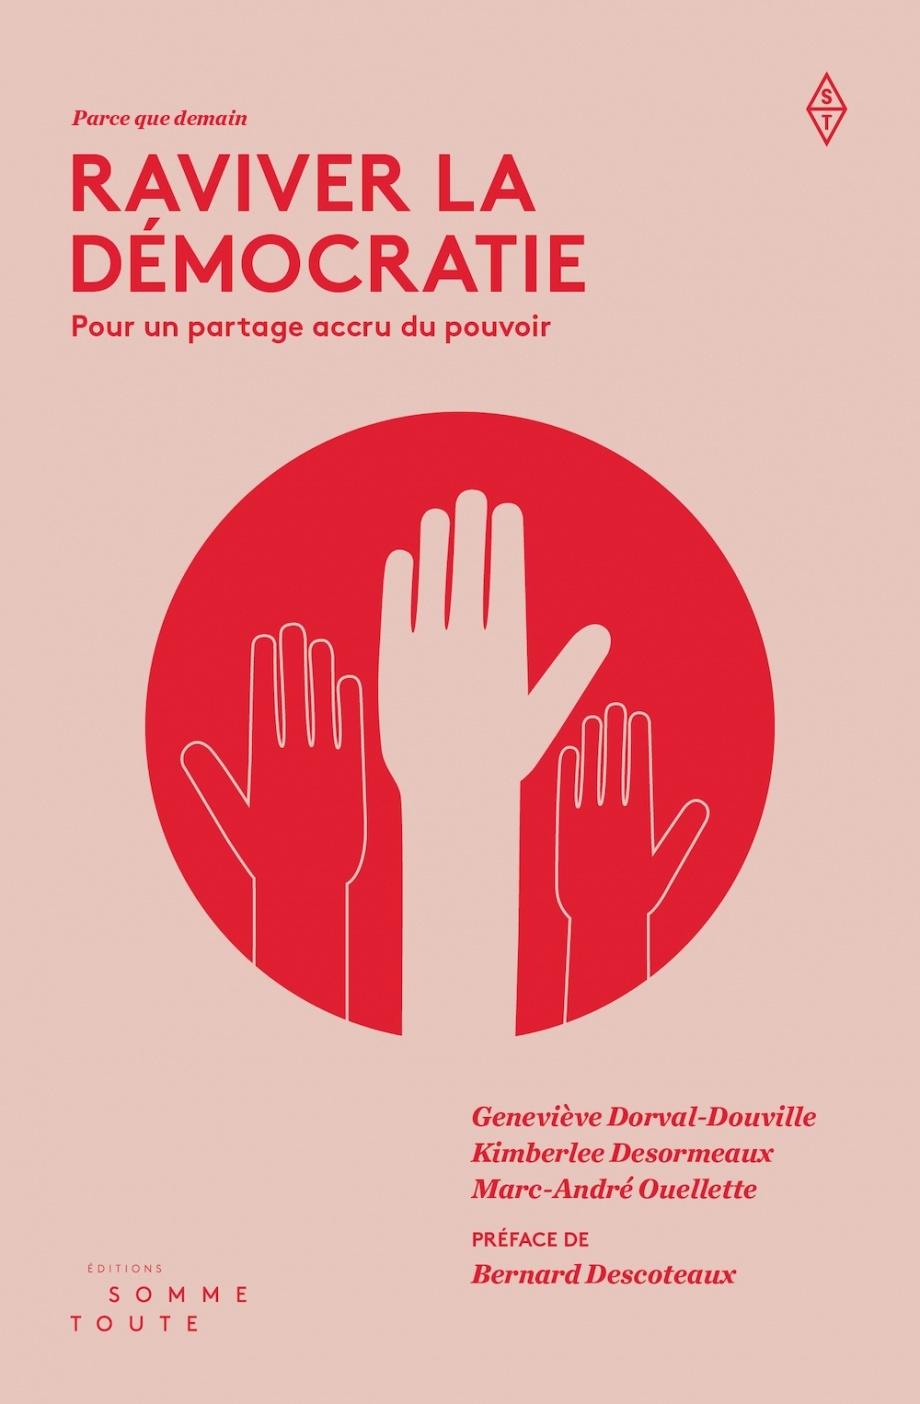 Raviver la démocratie Pour un partage accru du pouvoir